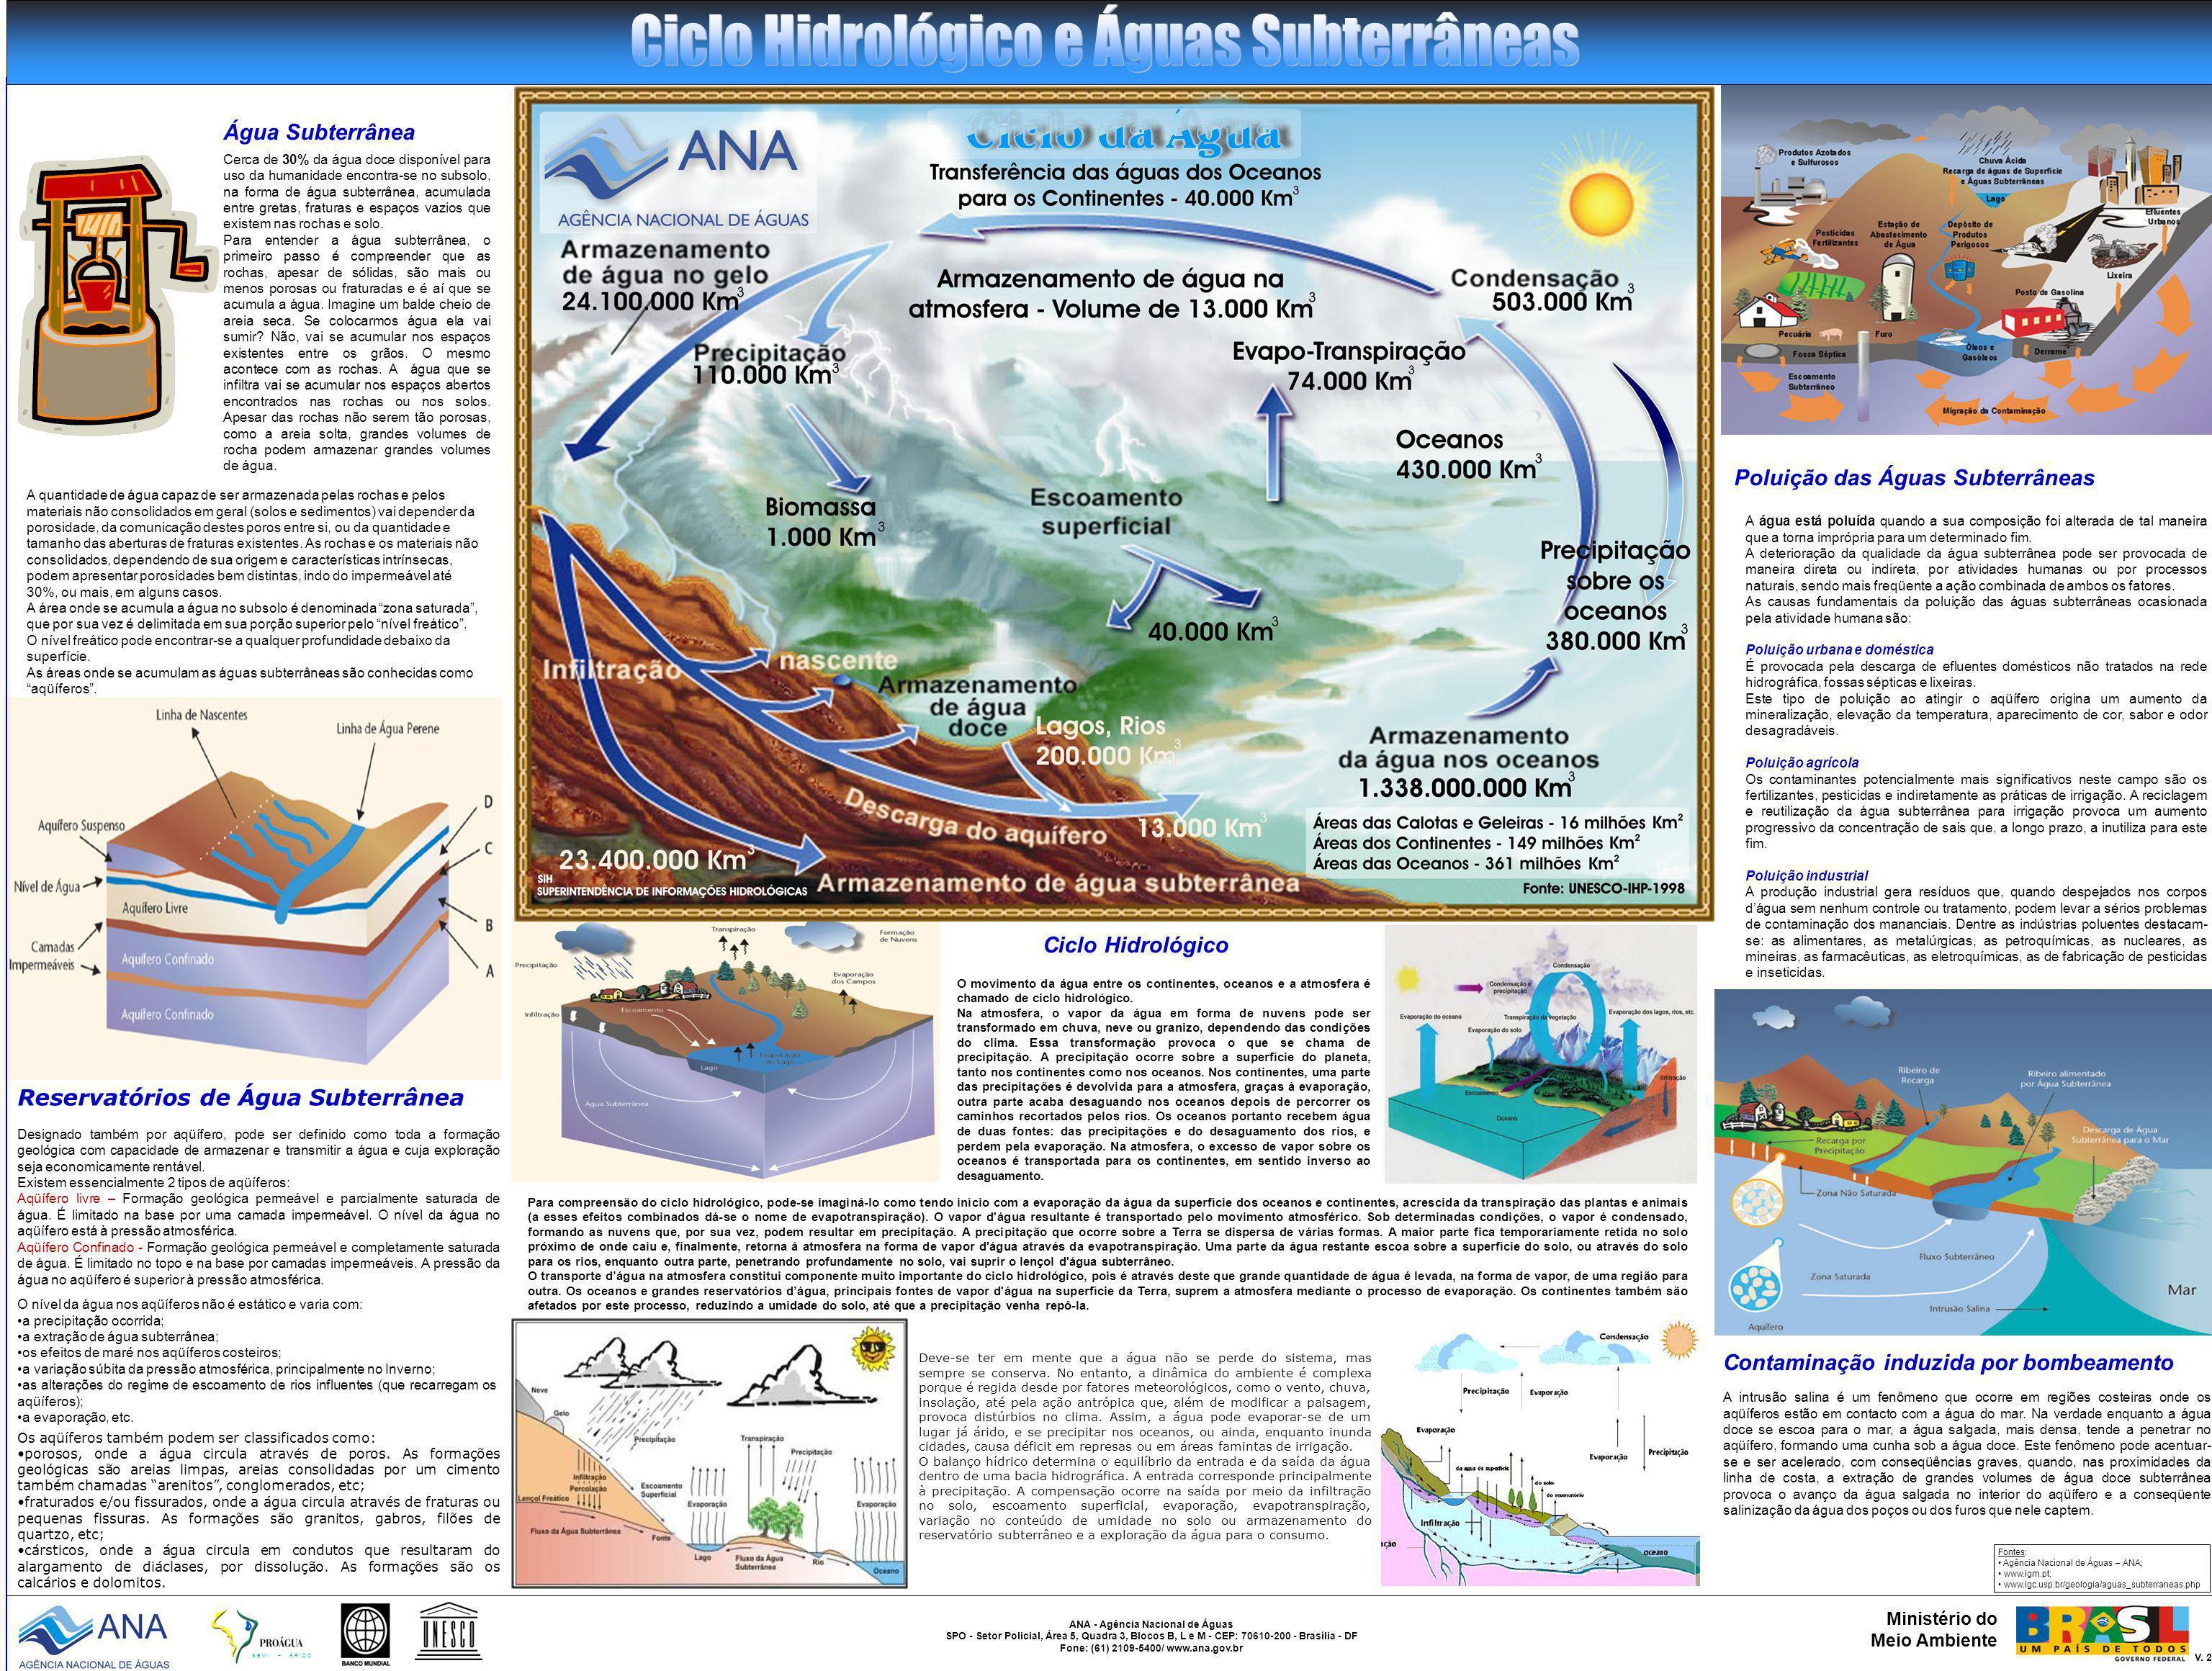 Ciclo Hidrológico e Águas Subterrâneas